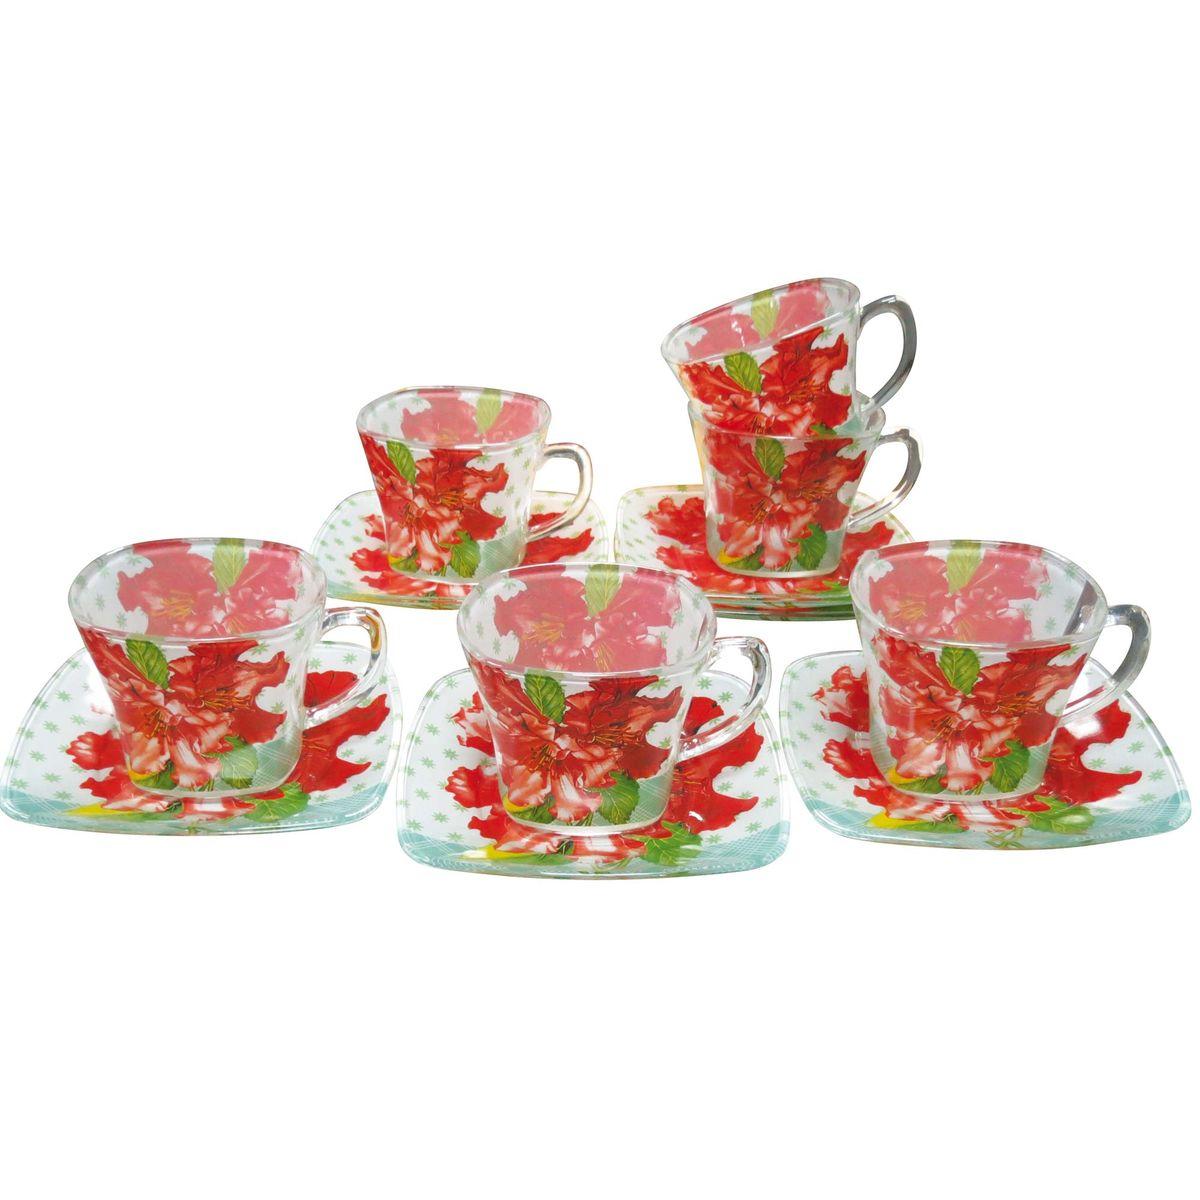 Набор чайный BK-5846 12прBK-584612пр.: чашка - 6шт. (220мл), блюдце - 6шт. (13,4*16см). Подарочная упаковка. Состав: стекло.